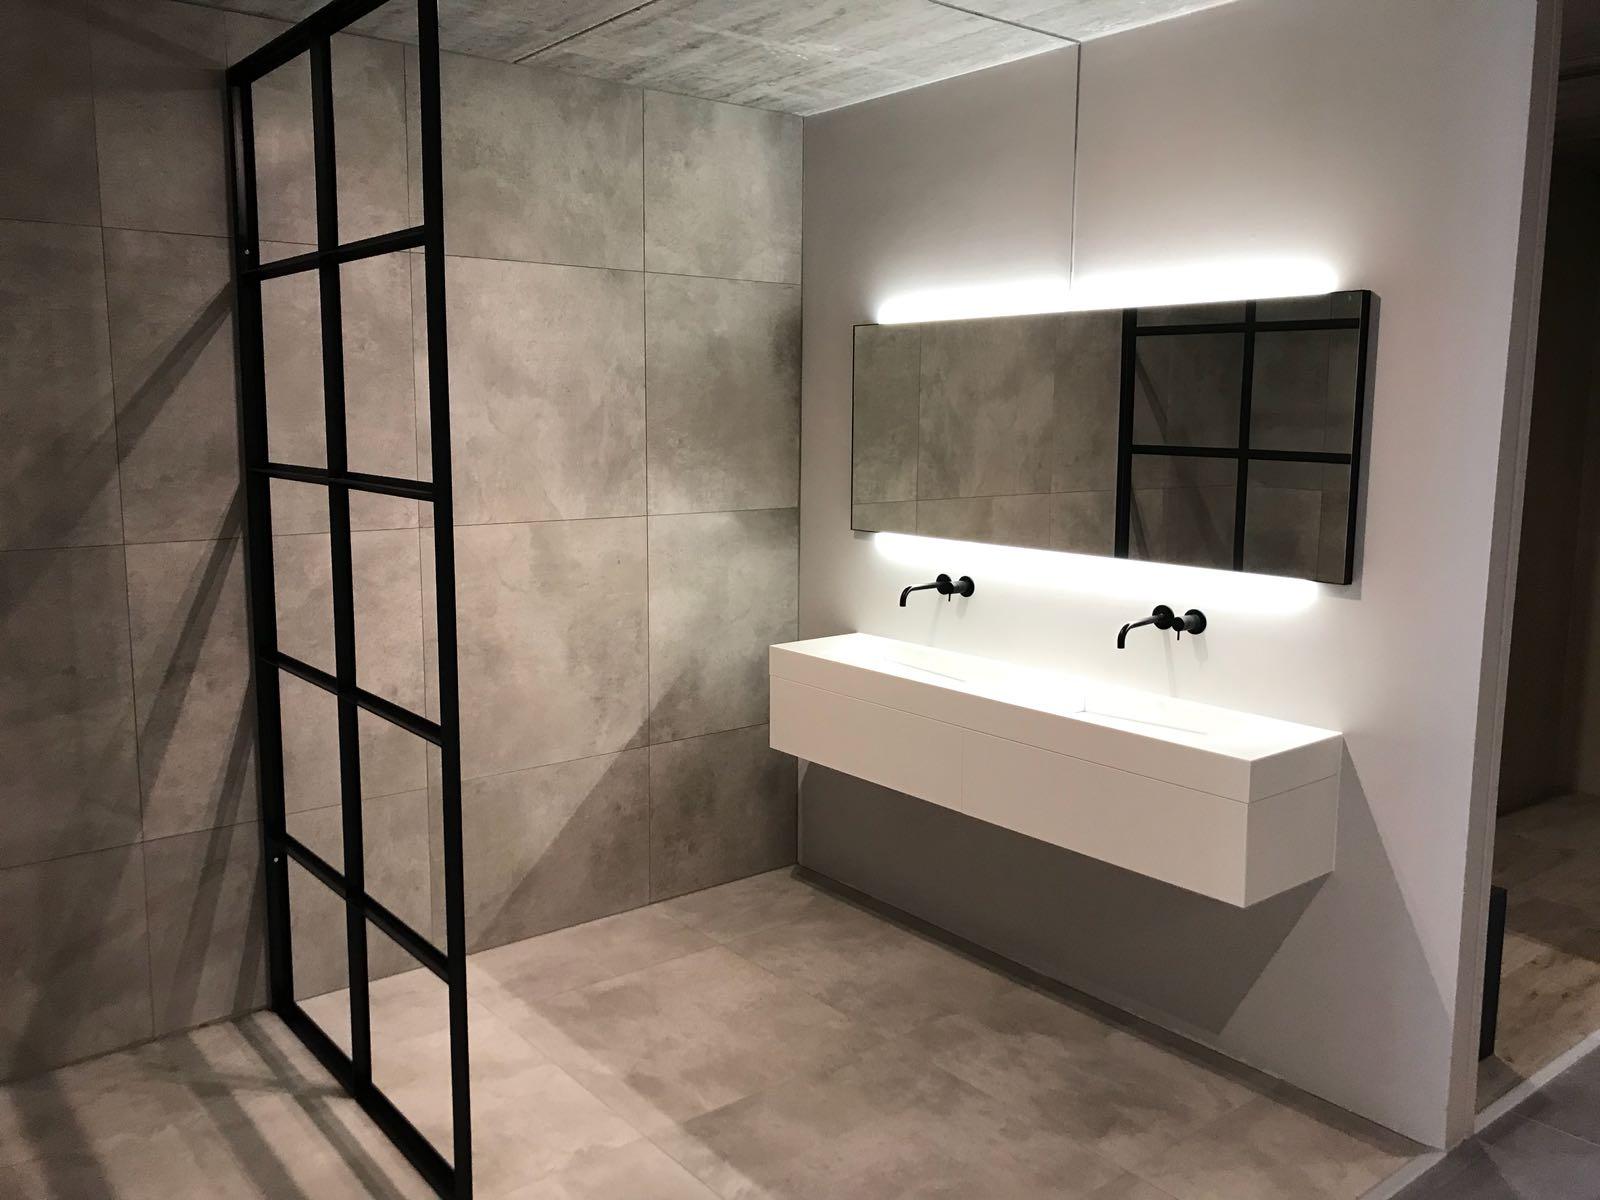 Van-den-Hazel-badkamers-mijn-bad-in-stijl-HIPP-design-LED-spiegel-mat-zwart